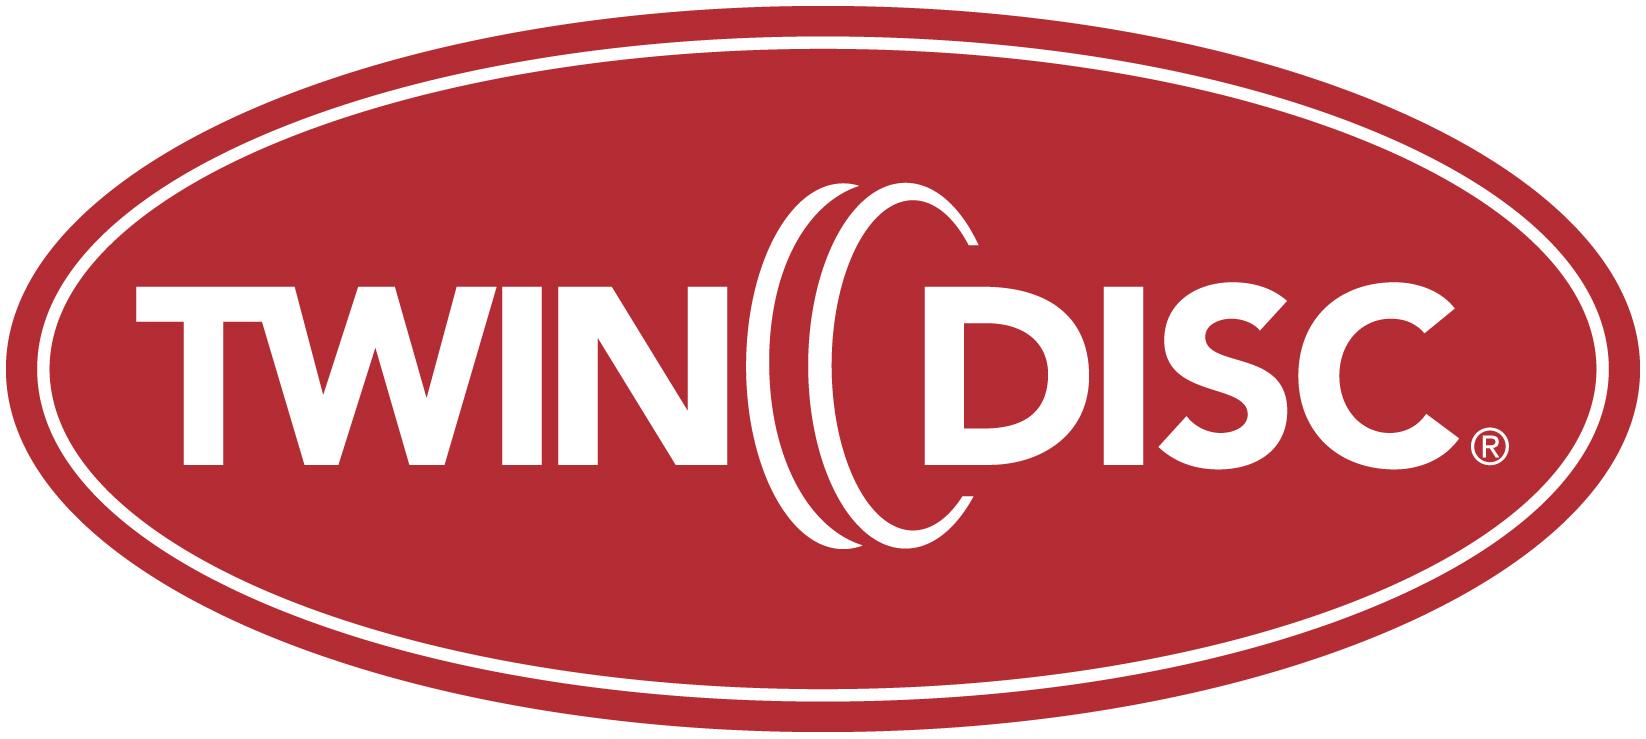 Twin disc logo